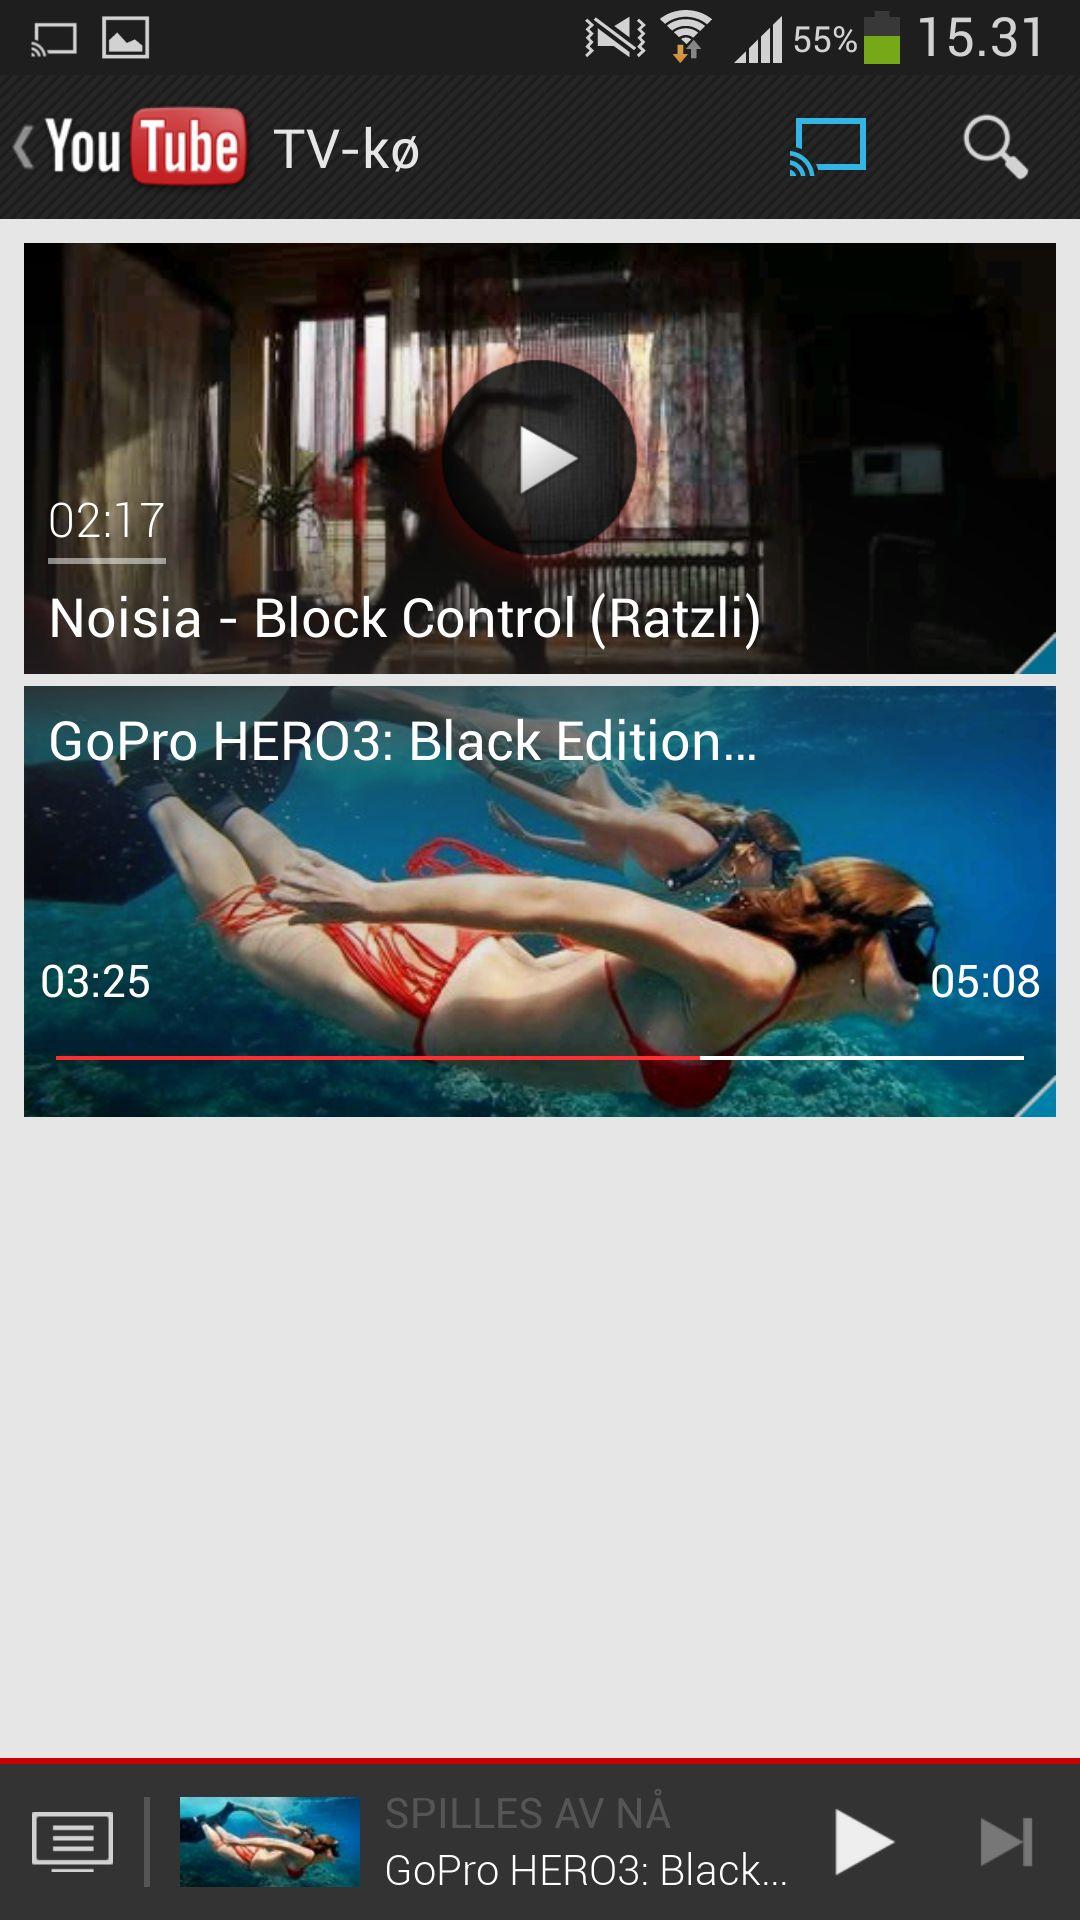 Youtube-appen har en egen spillelistefunksjon der du kan legge til videoer Chromecast skal spille.